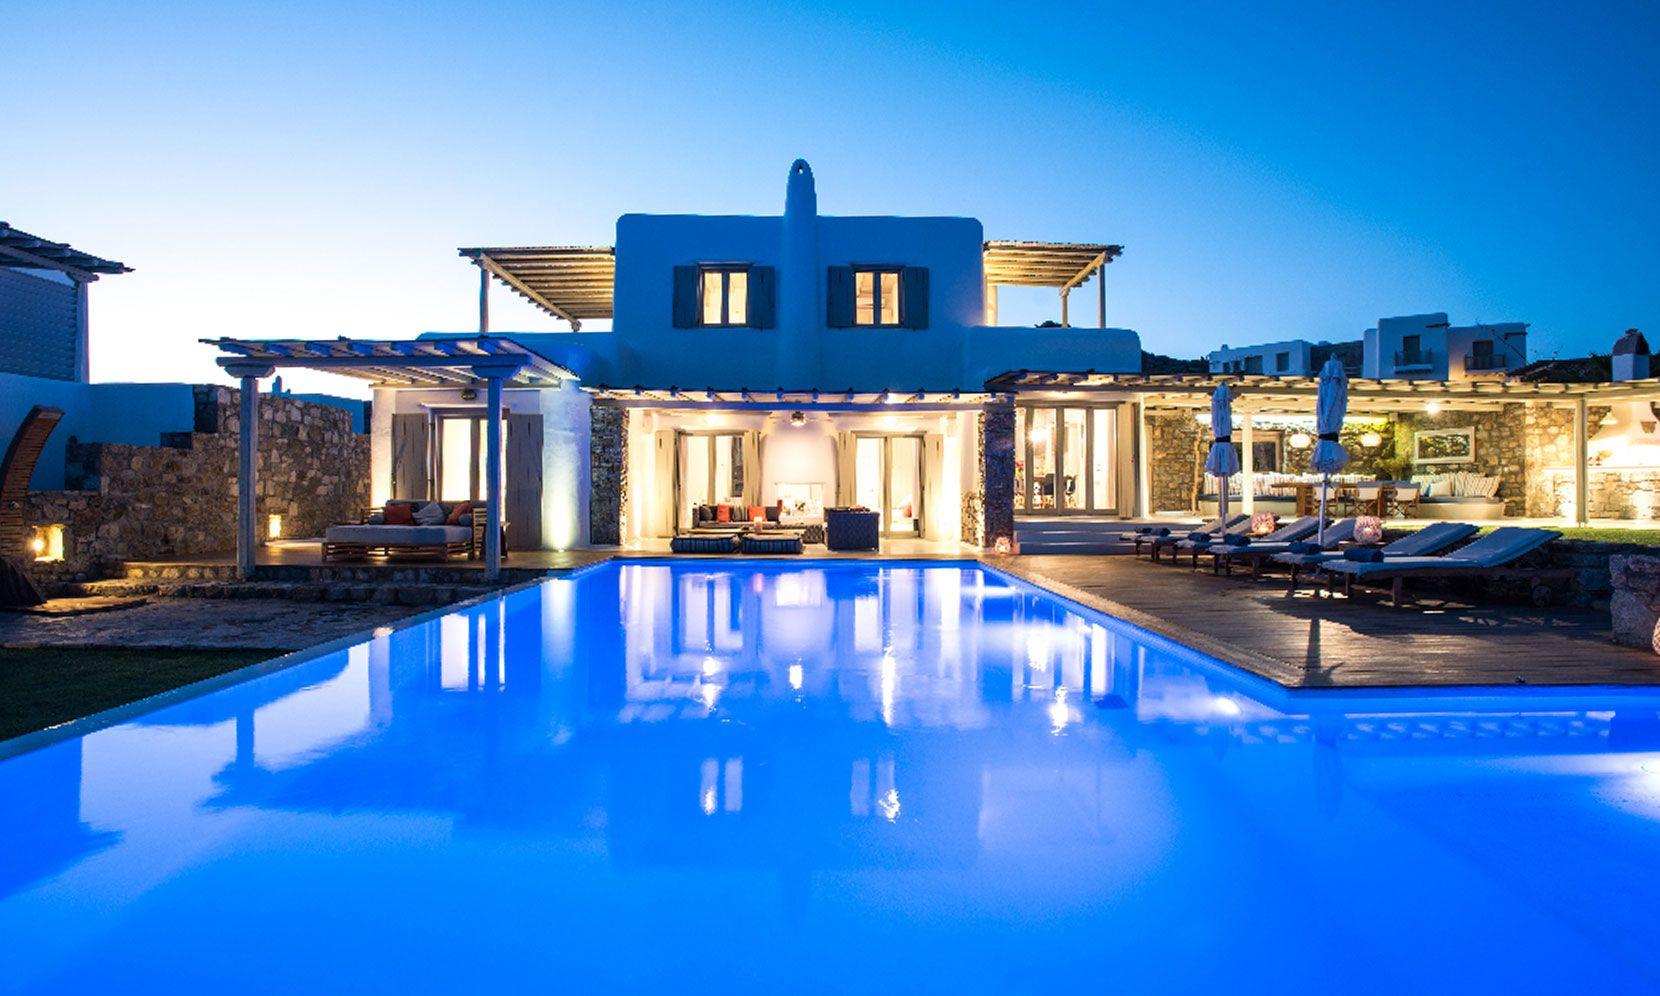 Mykonos Villa Irus jumbotron image